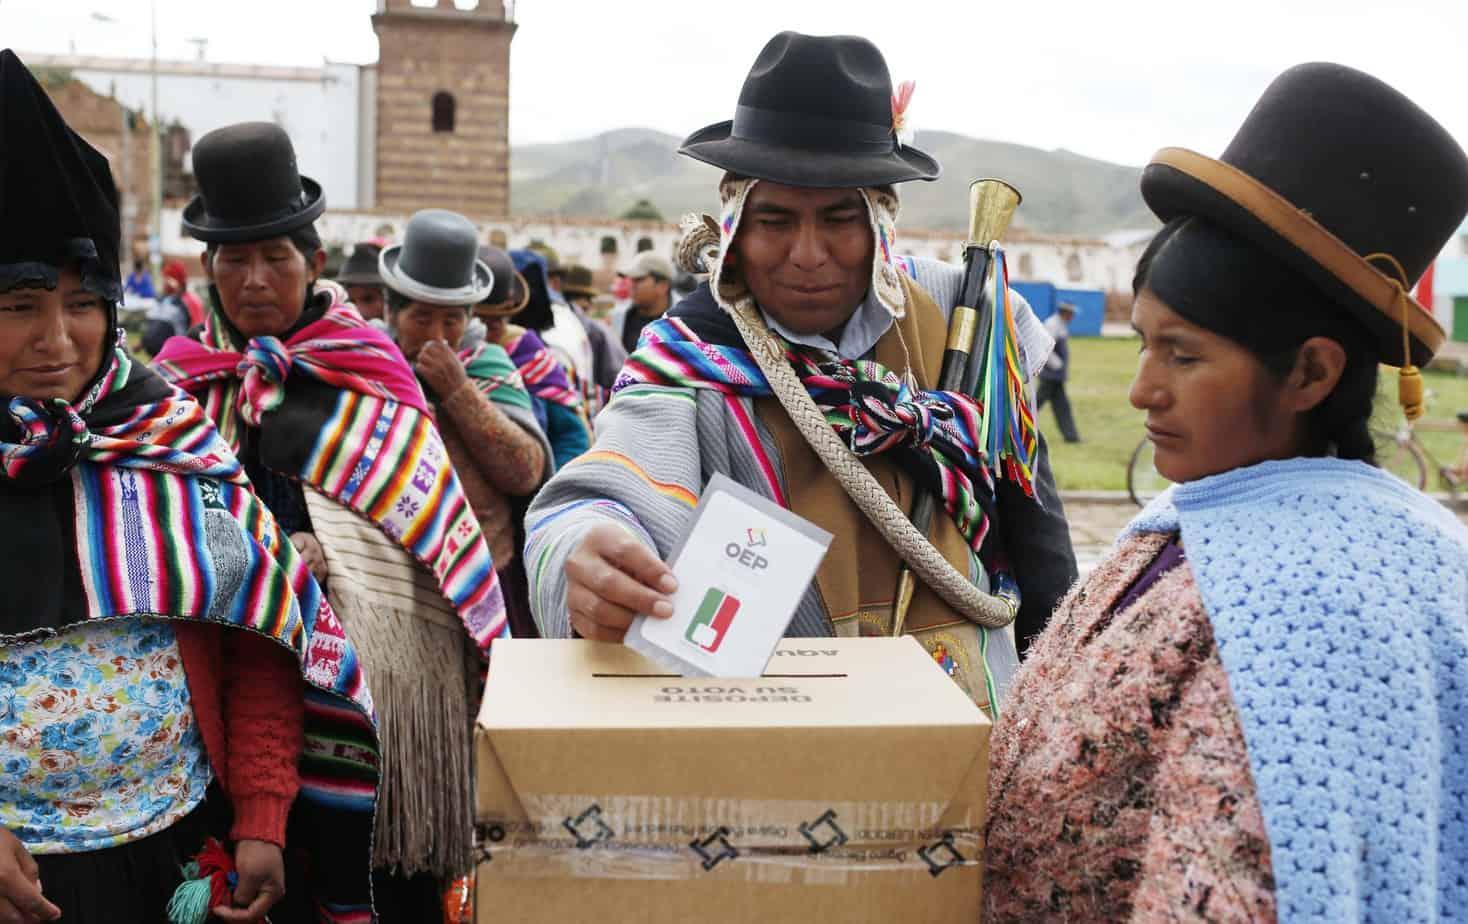 La elección presidencial en Bolivia corre el peligro de un mega fraude